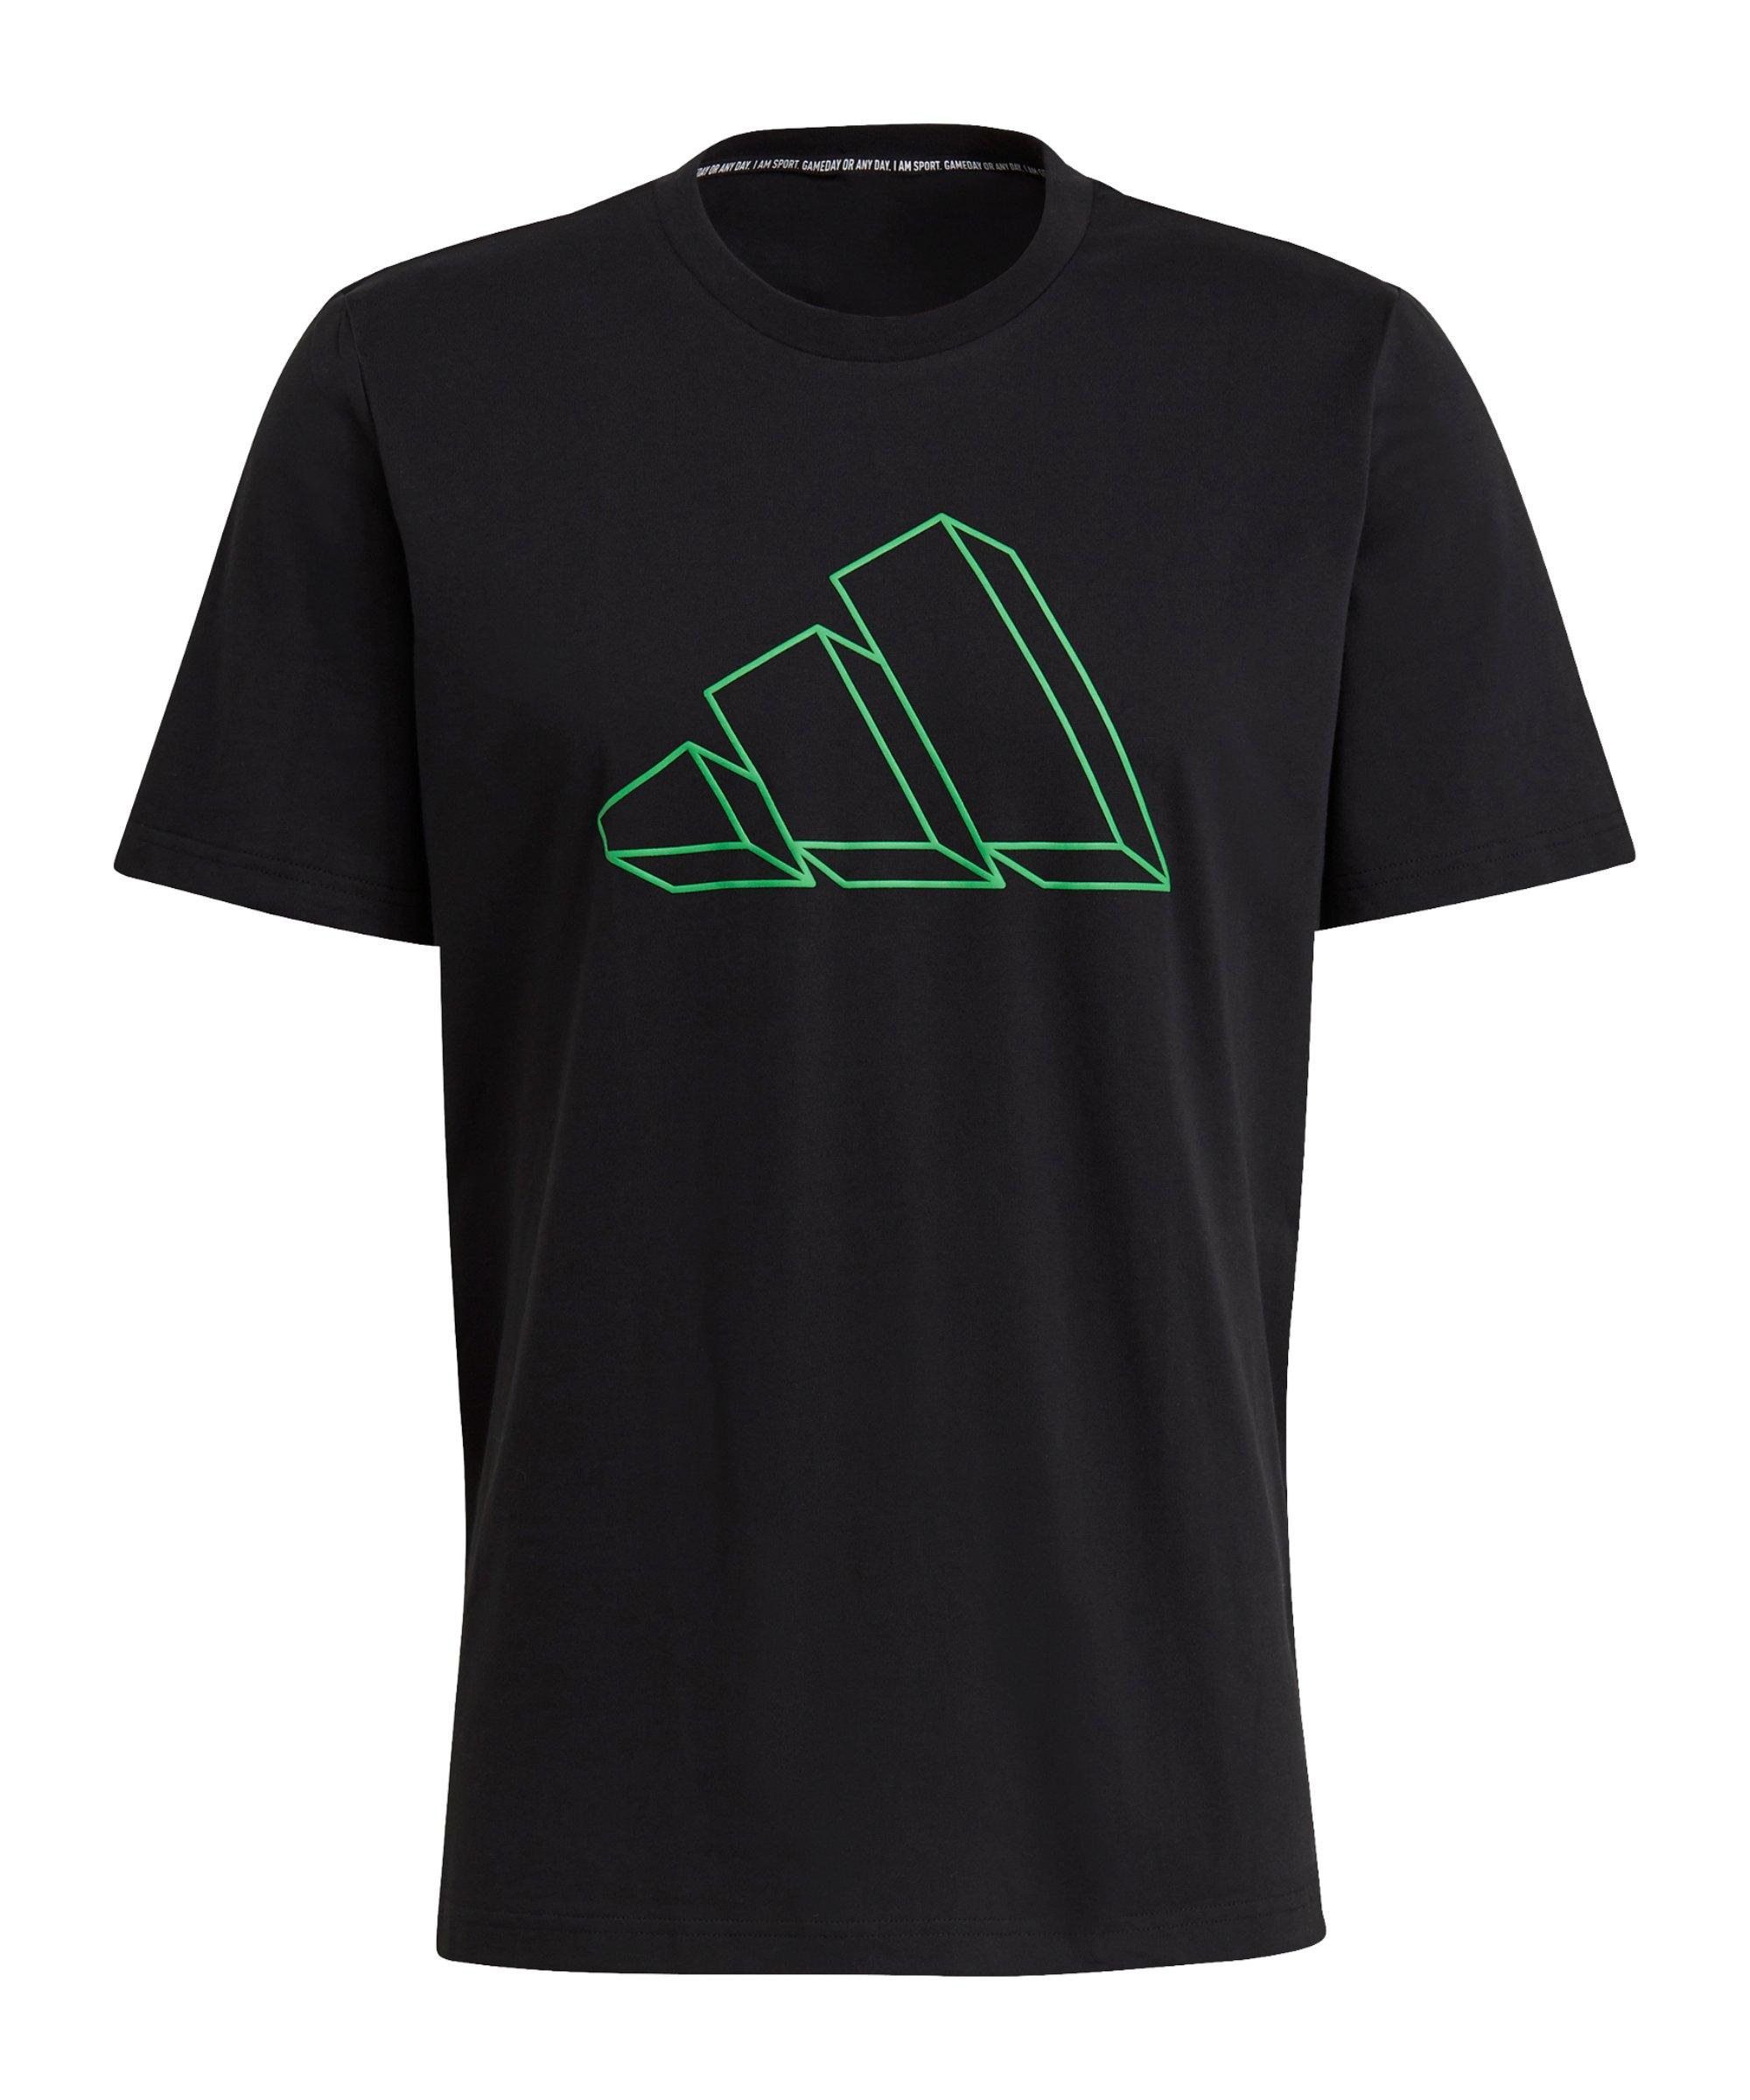 adidas GFX T-Shirt Schwarz - schwarz